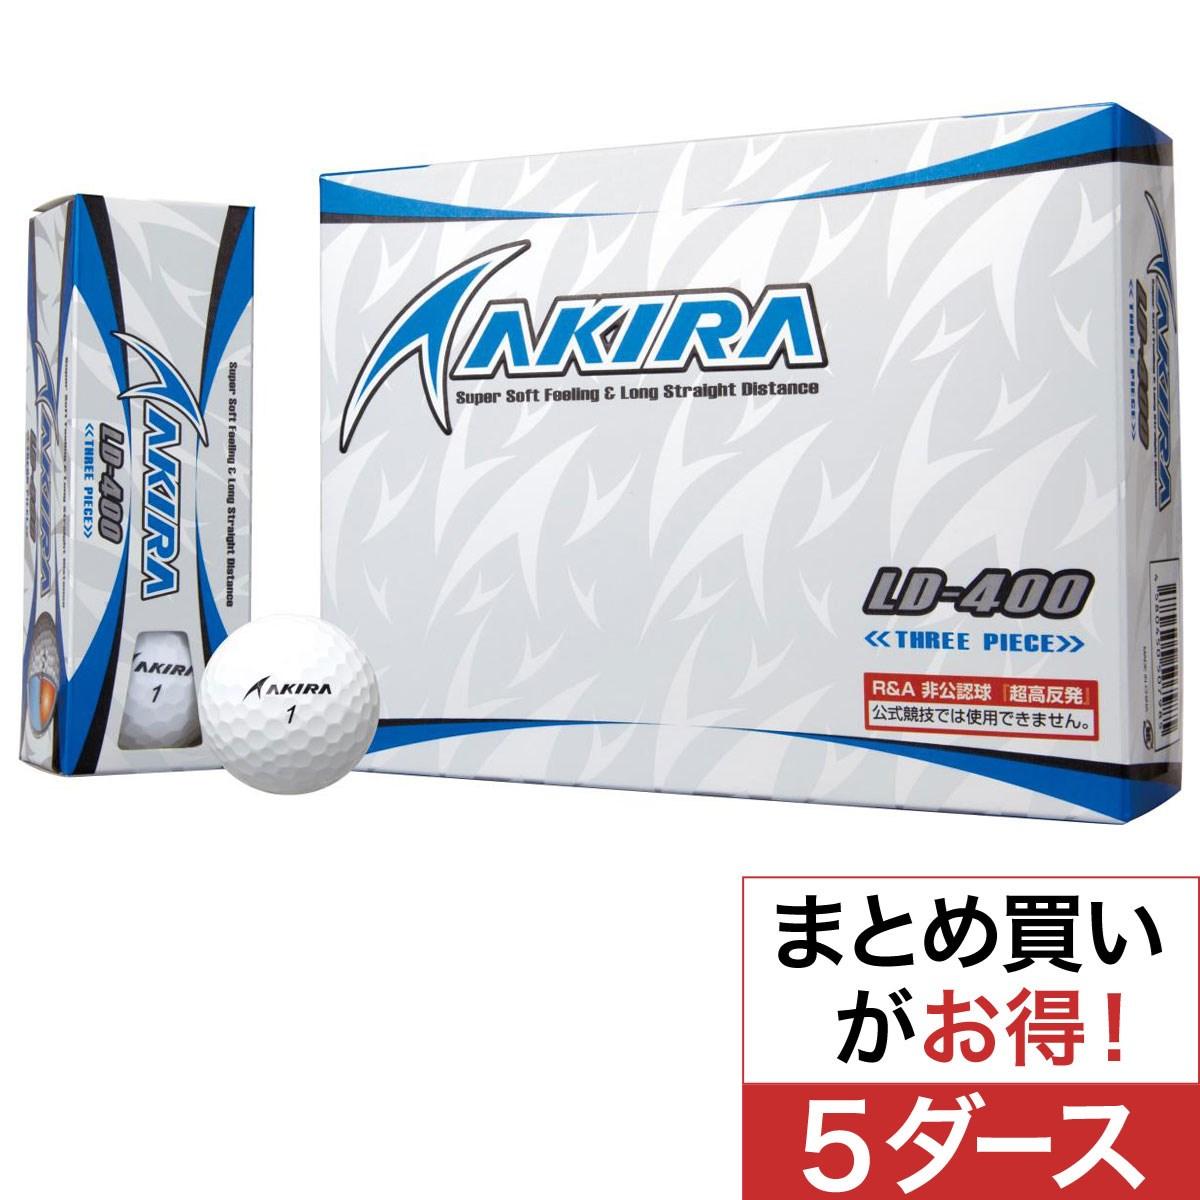 アキラプロダクツ AKIRA LD-400 ボール 超高反発モデル 5ダースセット【非公認球】